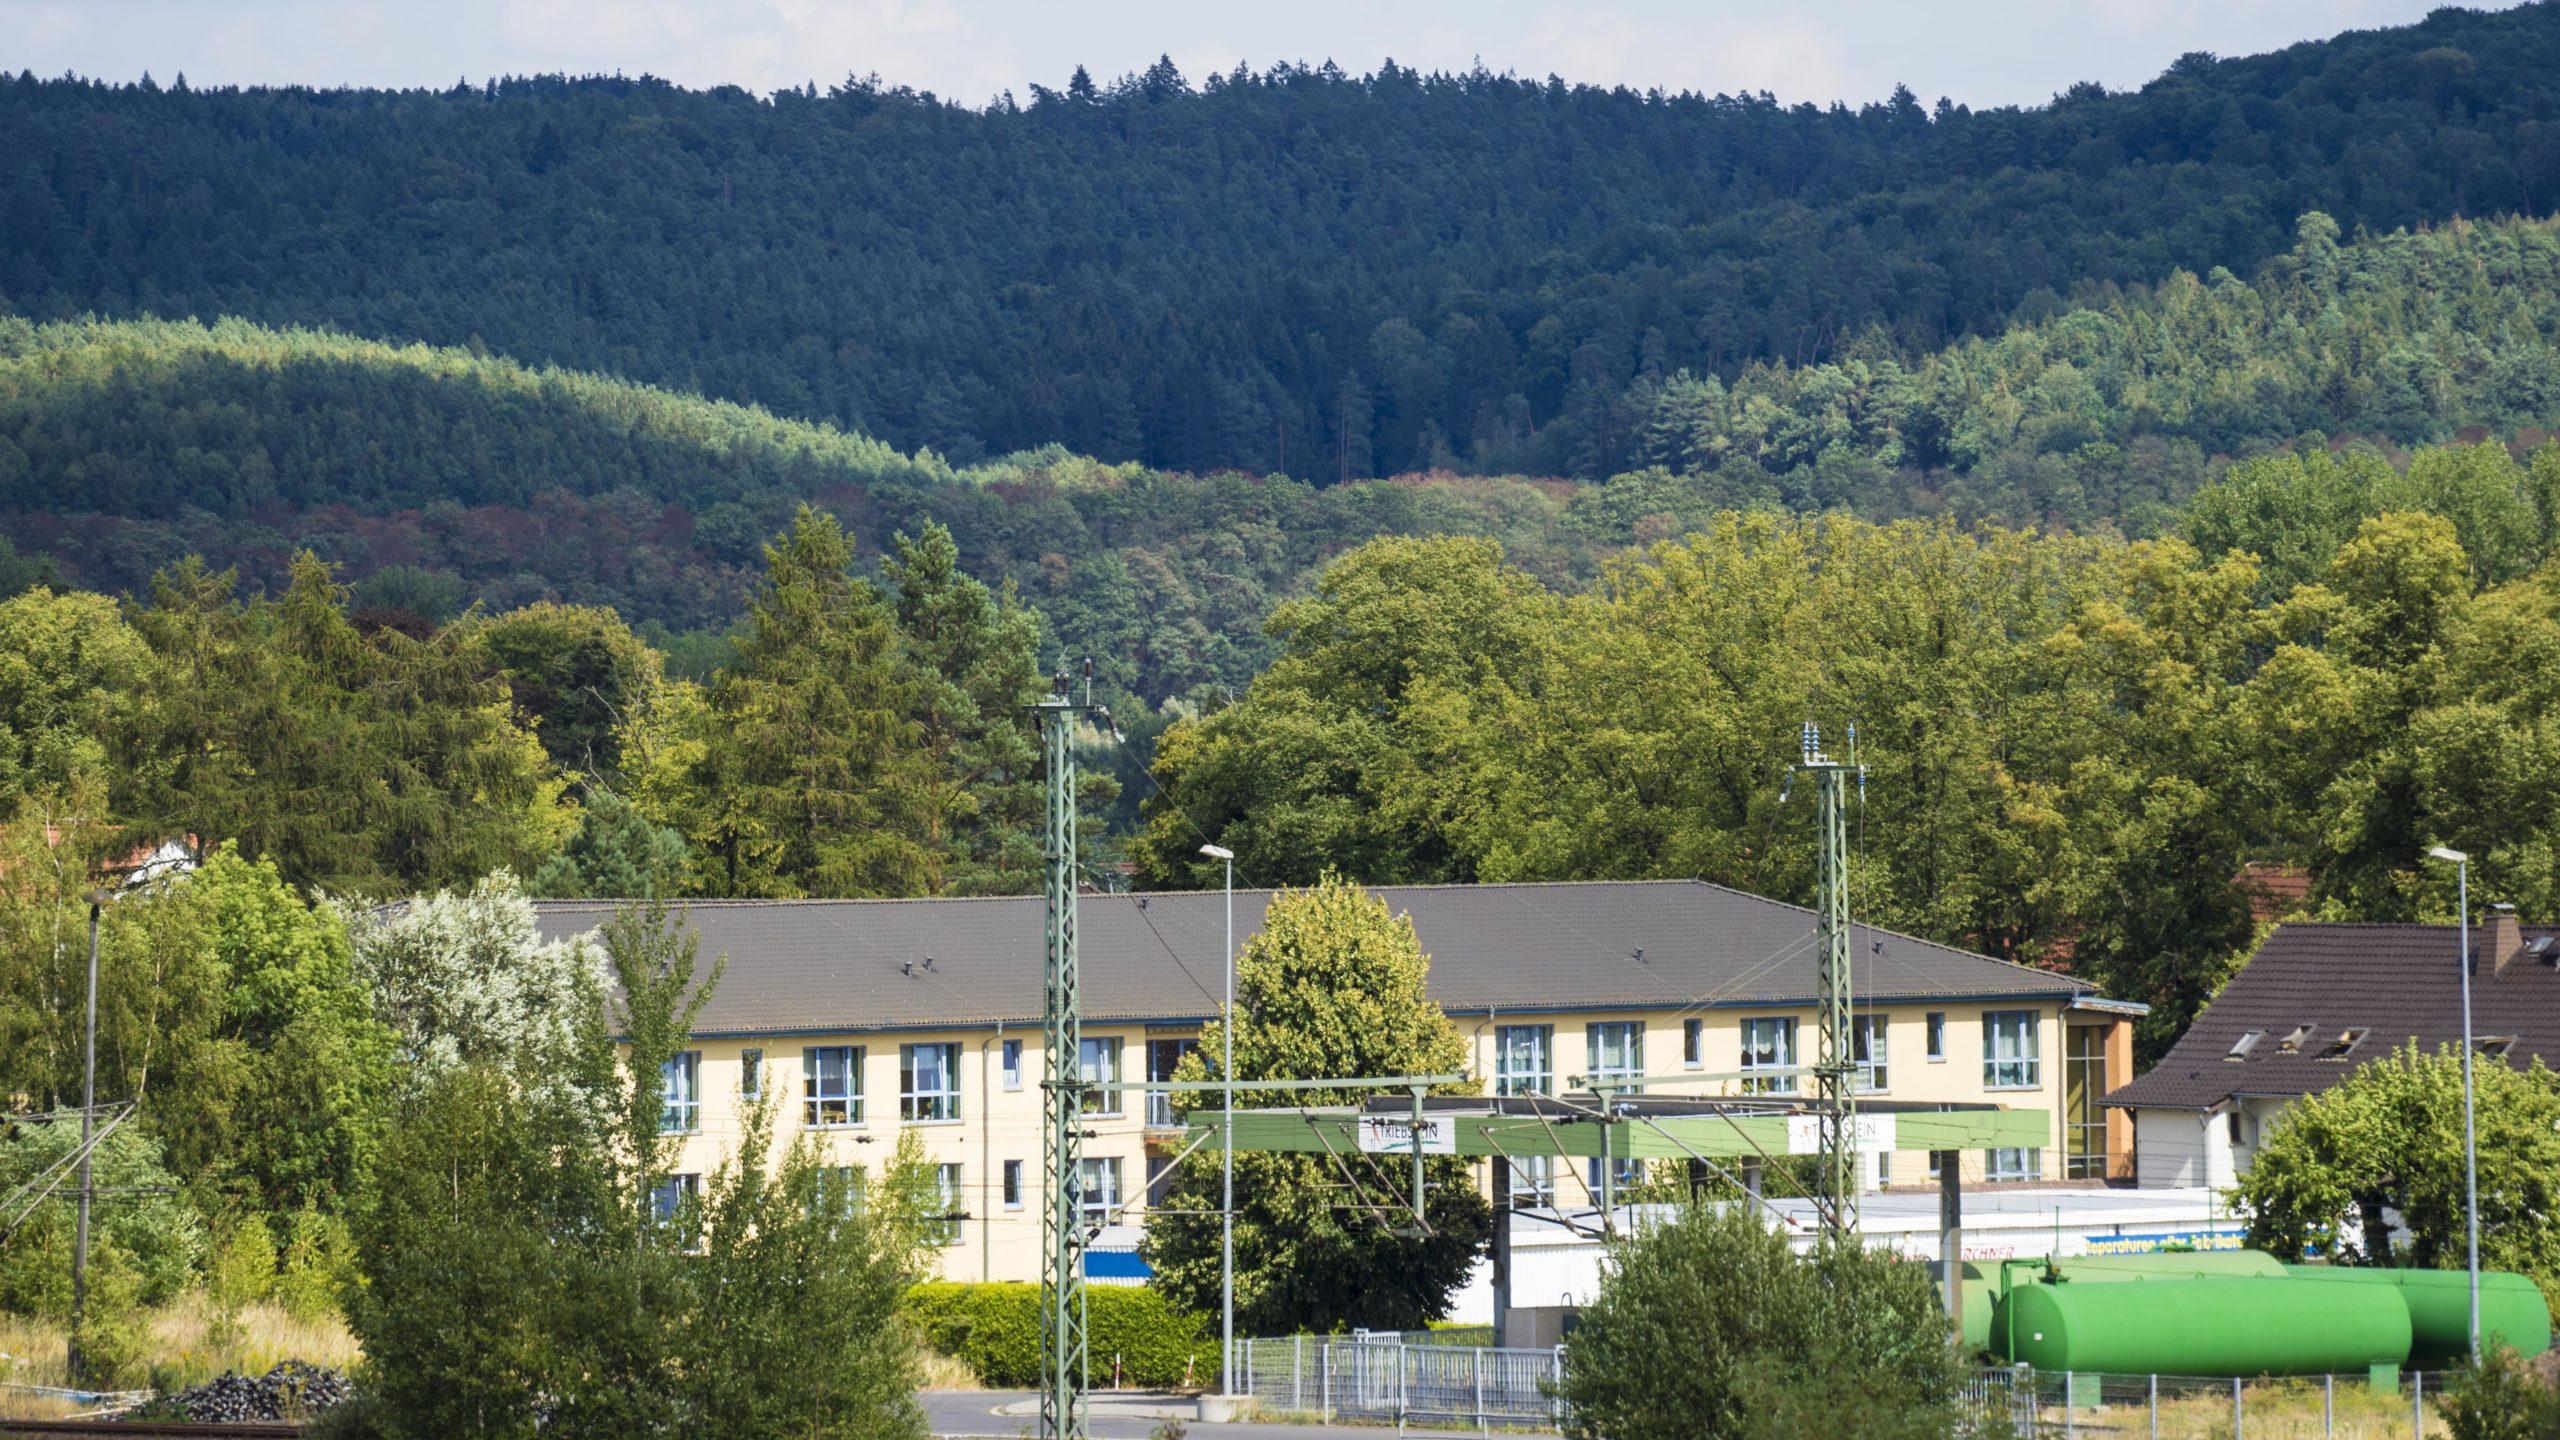 Gerstungen Seniorenheim am Bahnhof